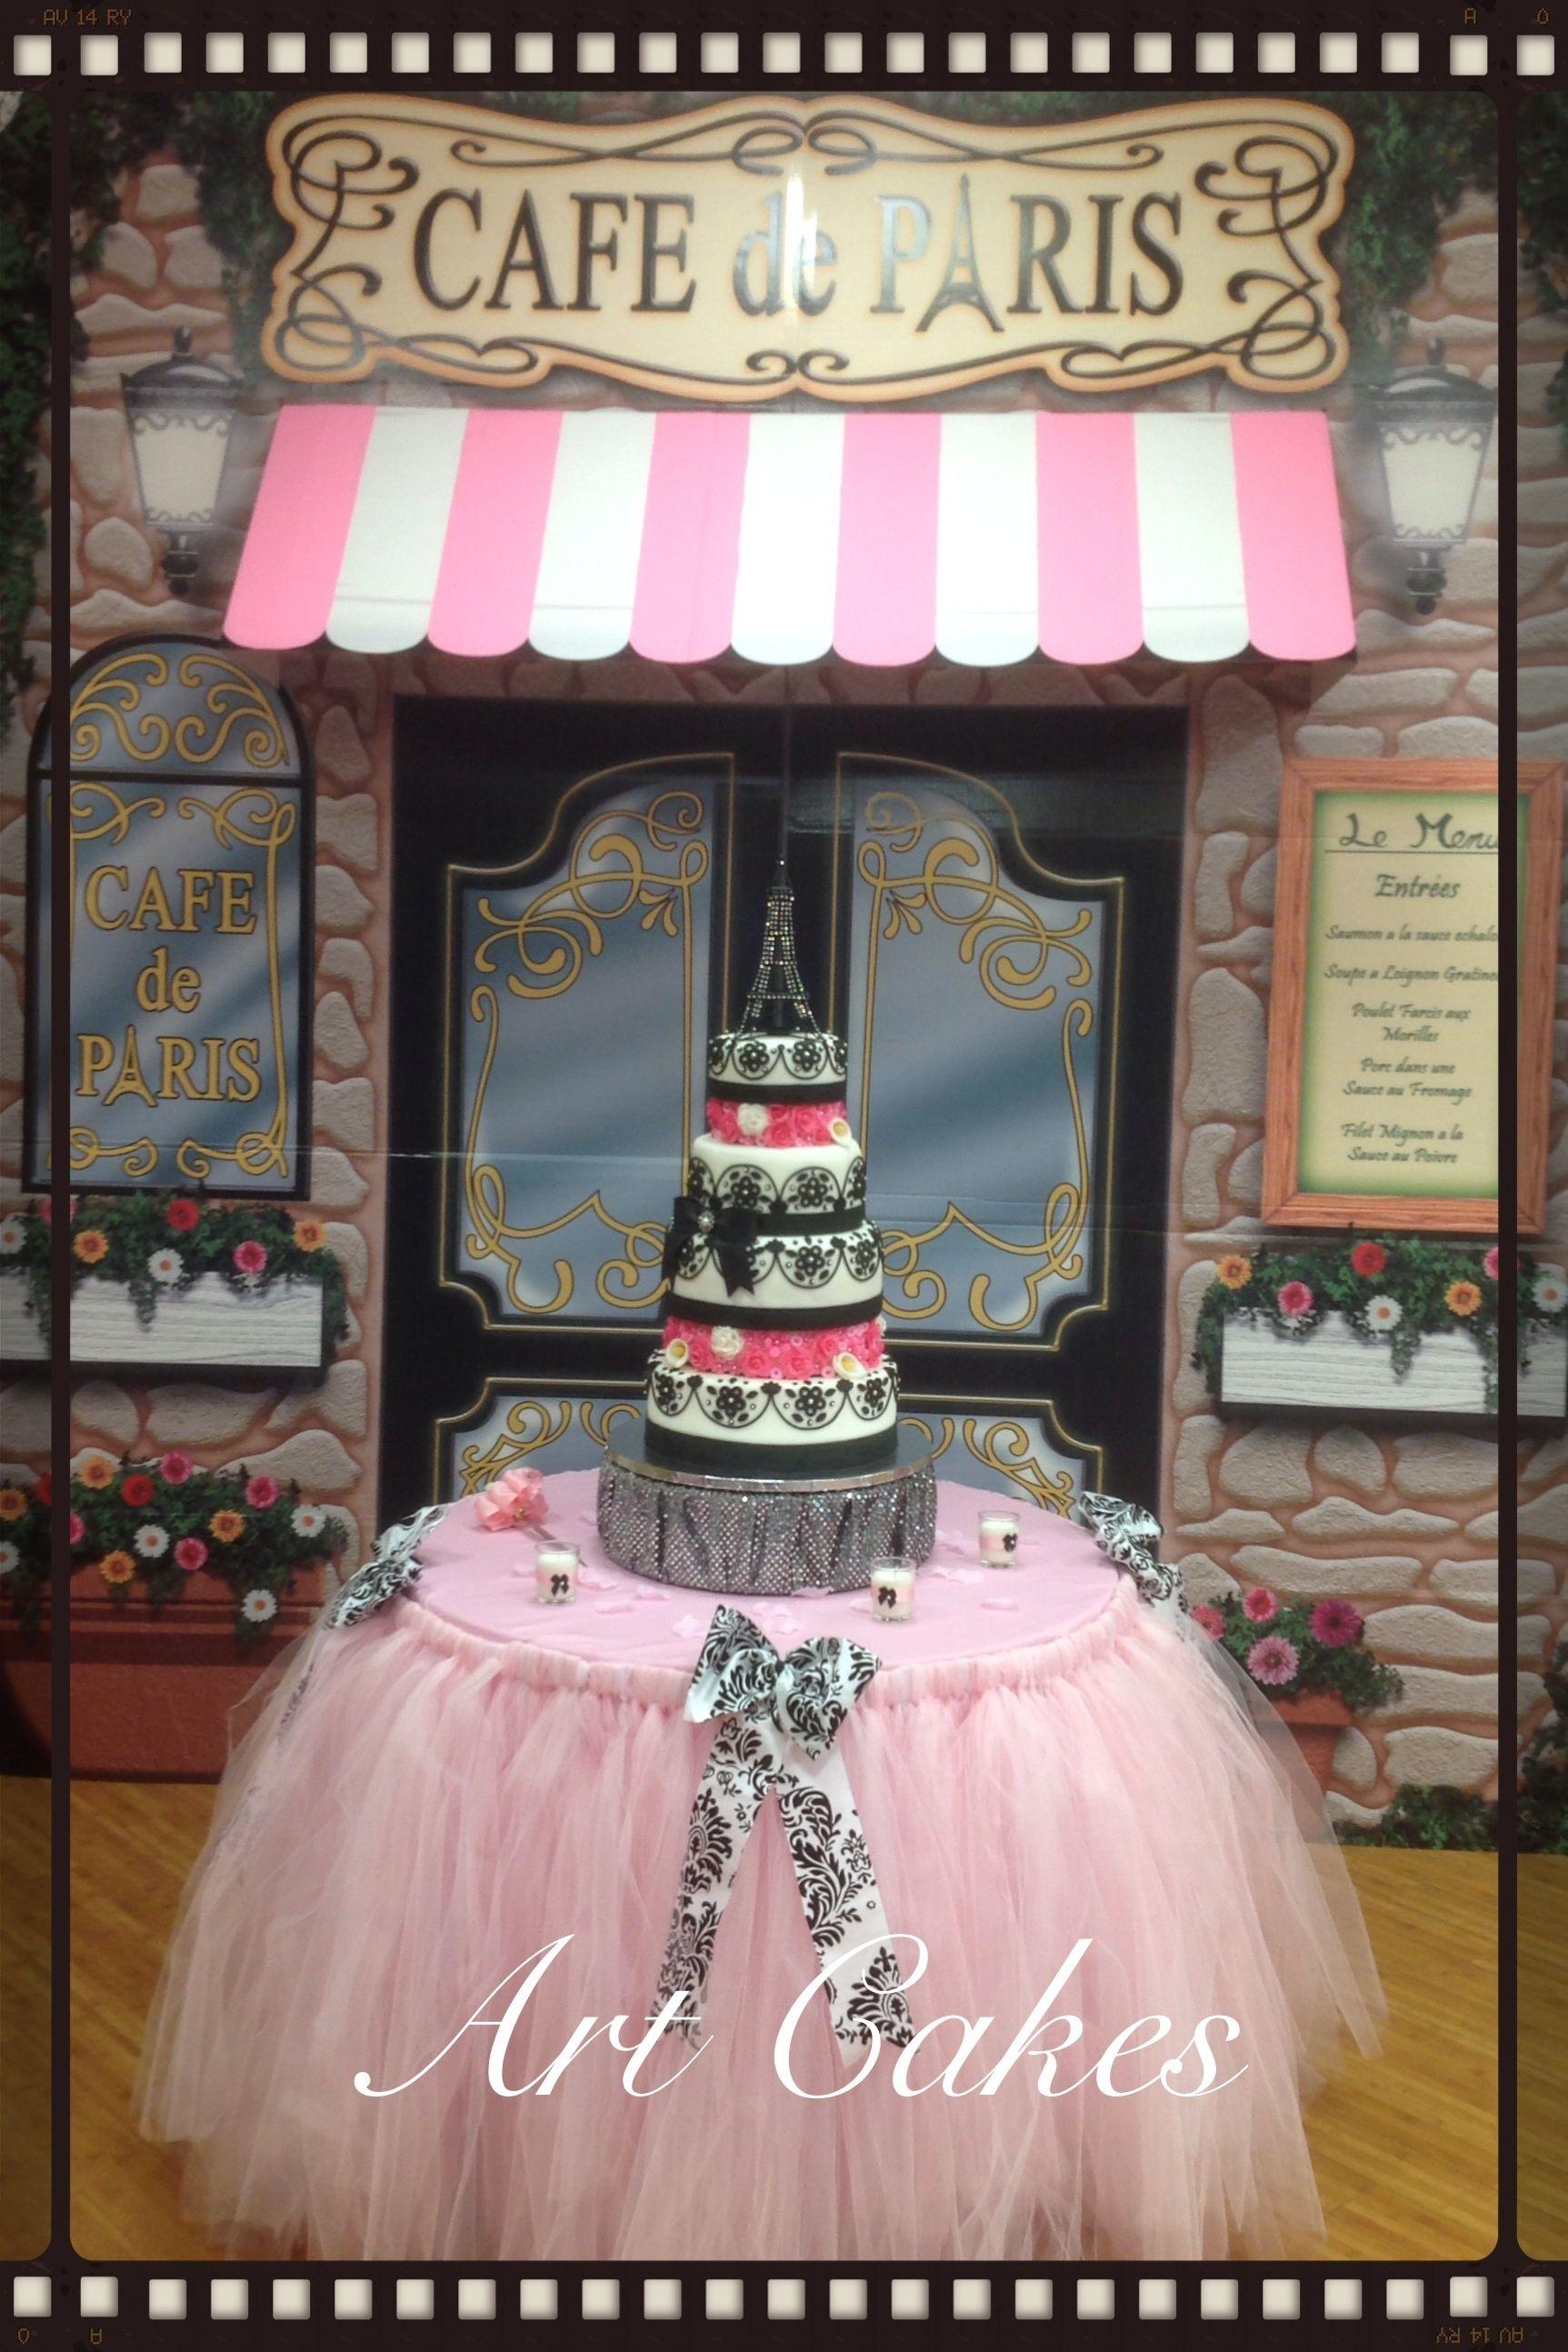 Paris decorations for quinceaneras - Quincea Era Cake Paris Theme